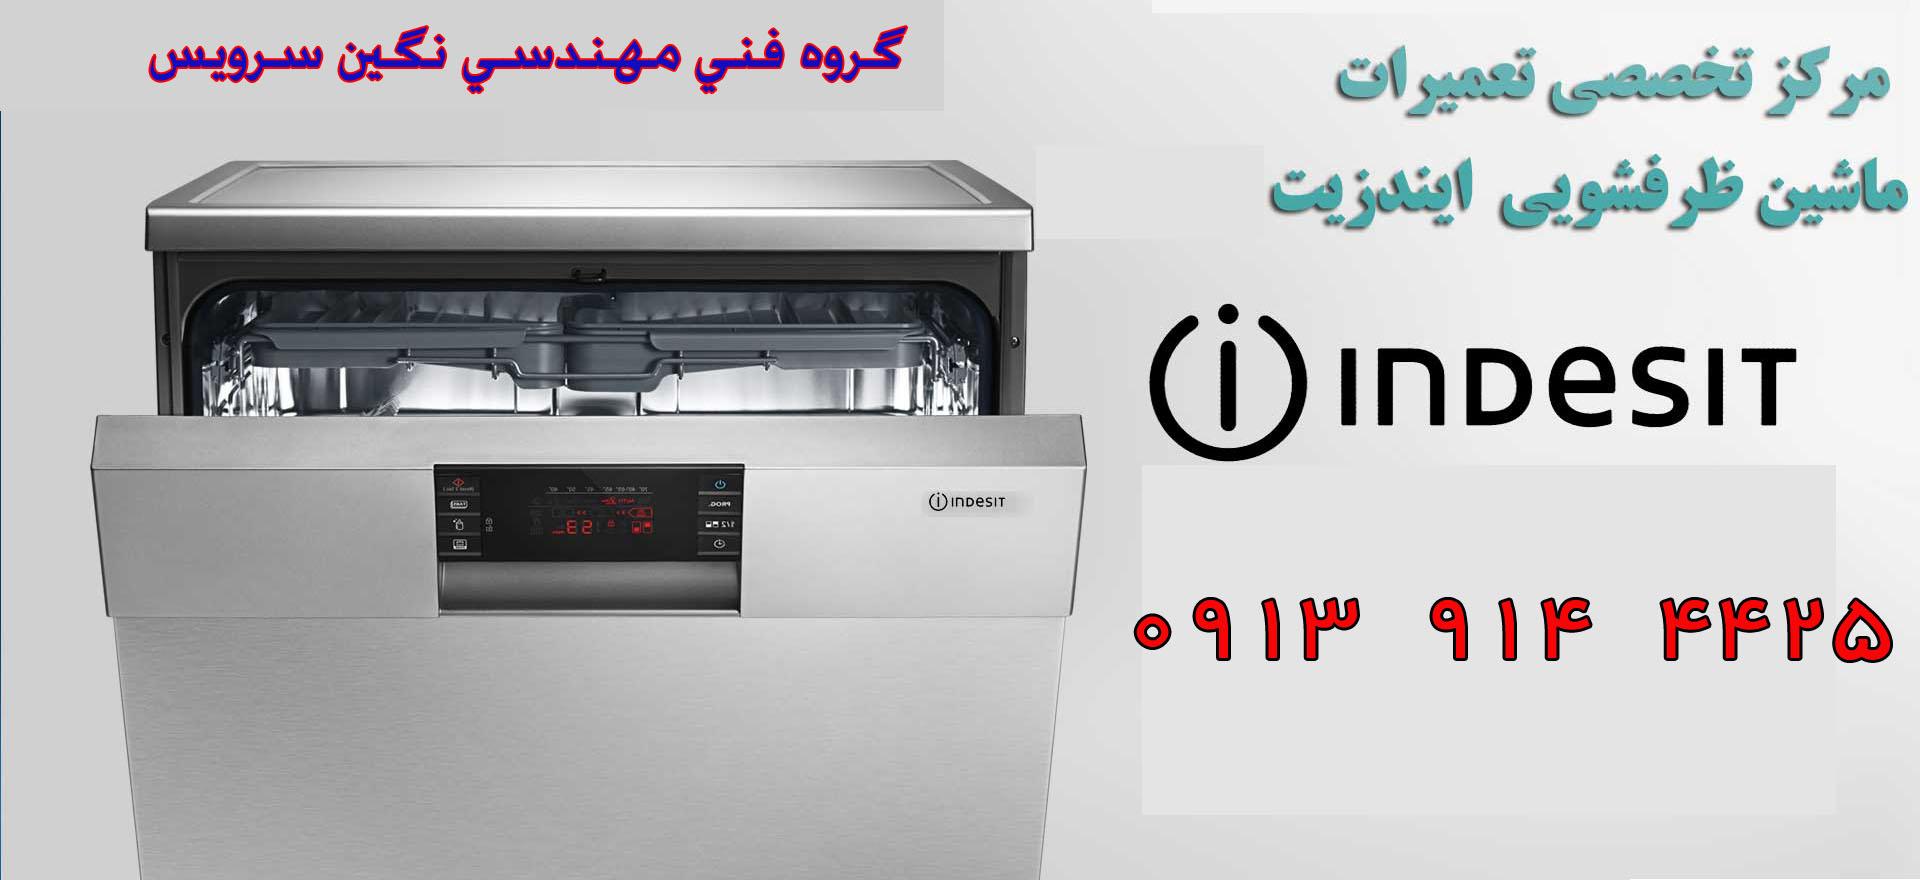 نمایندگی تعمیر ماشین ظرفشویی ایندزیت در اصفهان